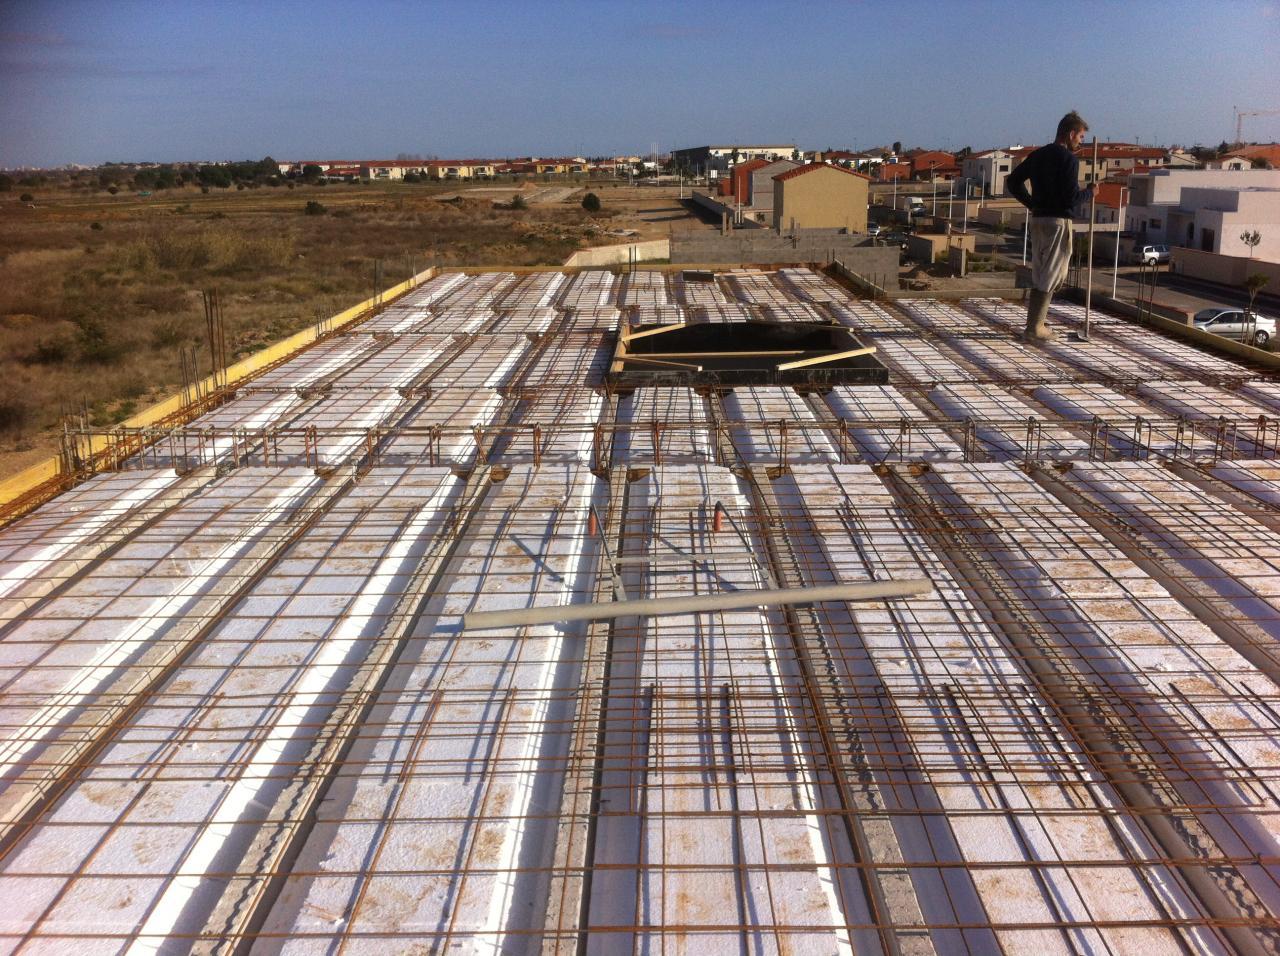 Vue du toit terrasse avant coulage